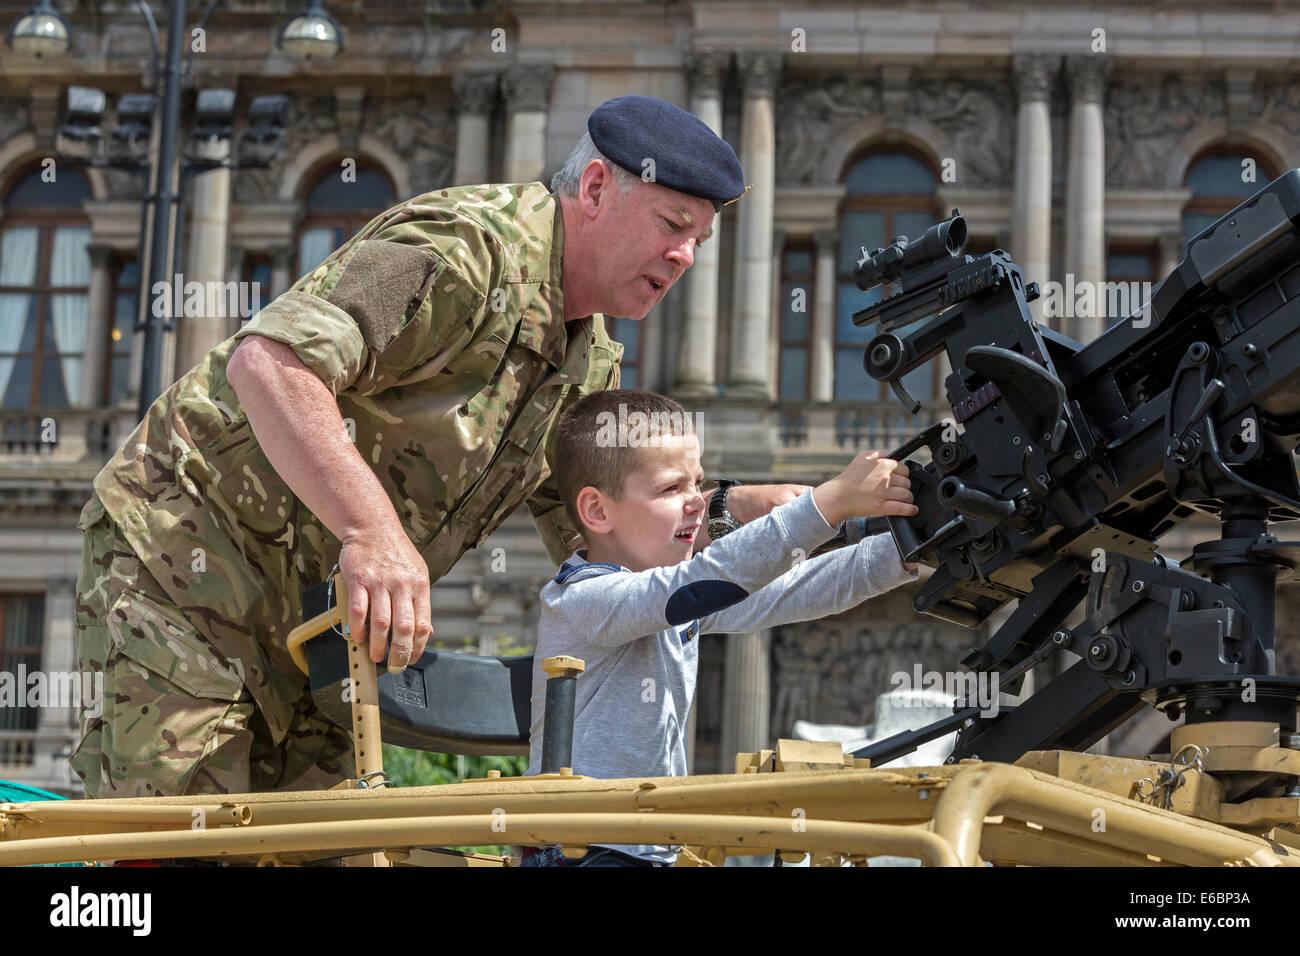 Ragazzo giovane essendo dato istruzioni su come usare la pistola della macchina durante un display militare e parade, Immagini Stock